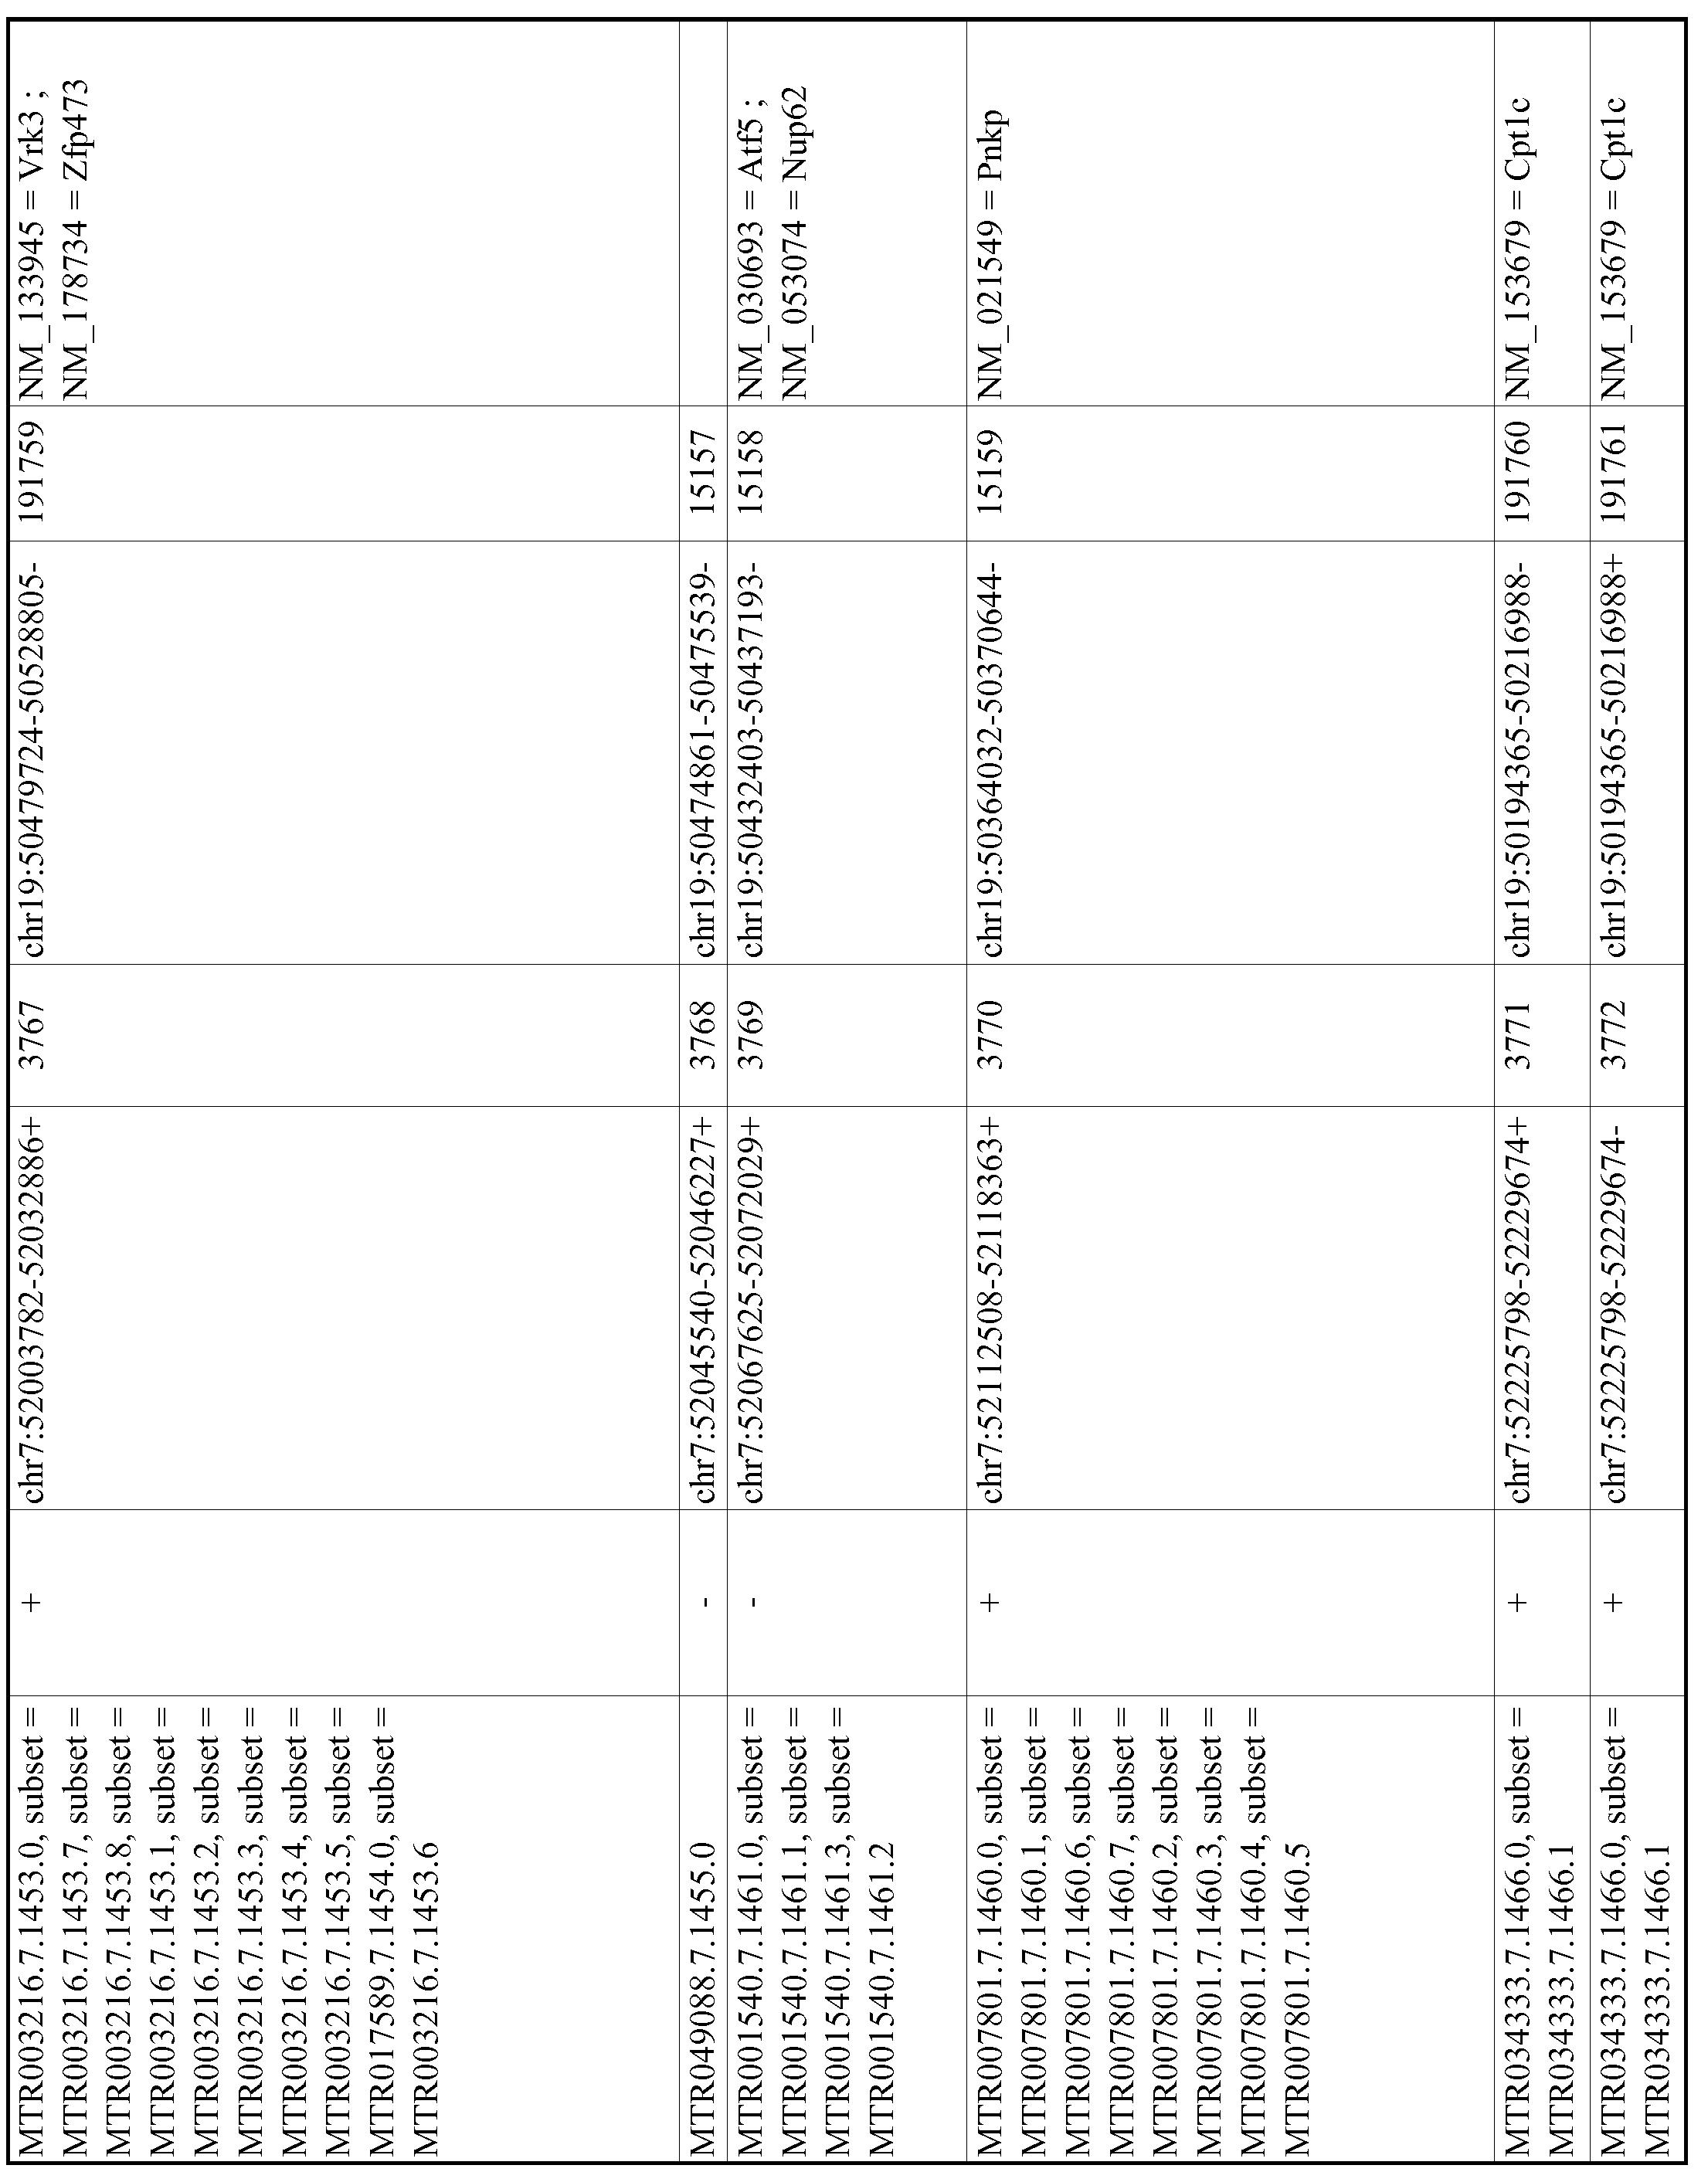 Figure imgf000724_0001